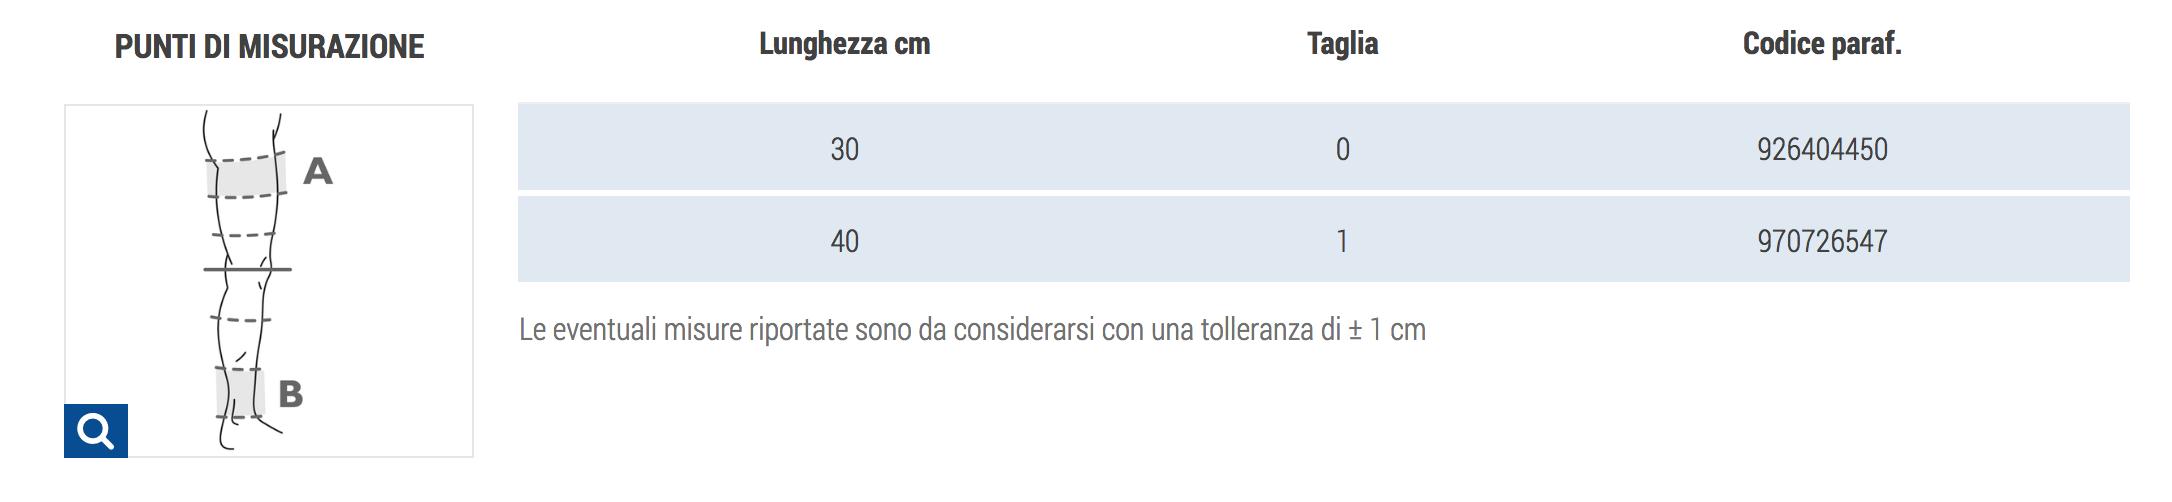 GINOCCHIERA ZEROGRADI® - LINEA JUNIOR - Tutore ginocchio per bambini